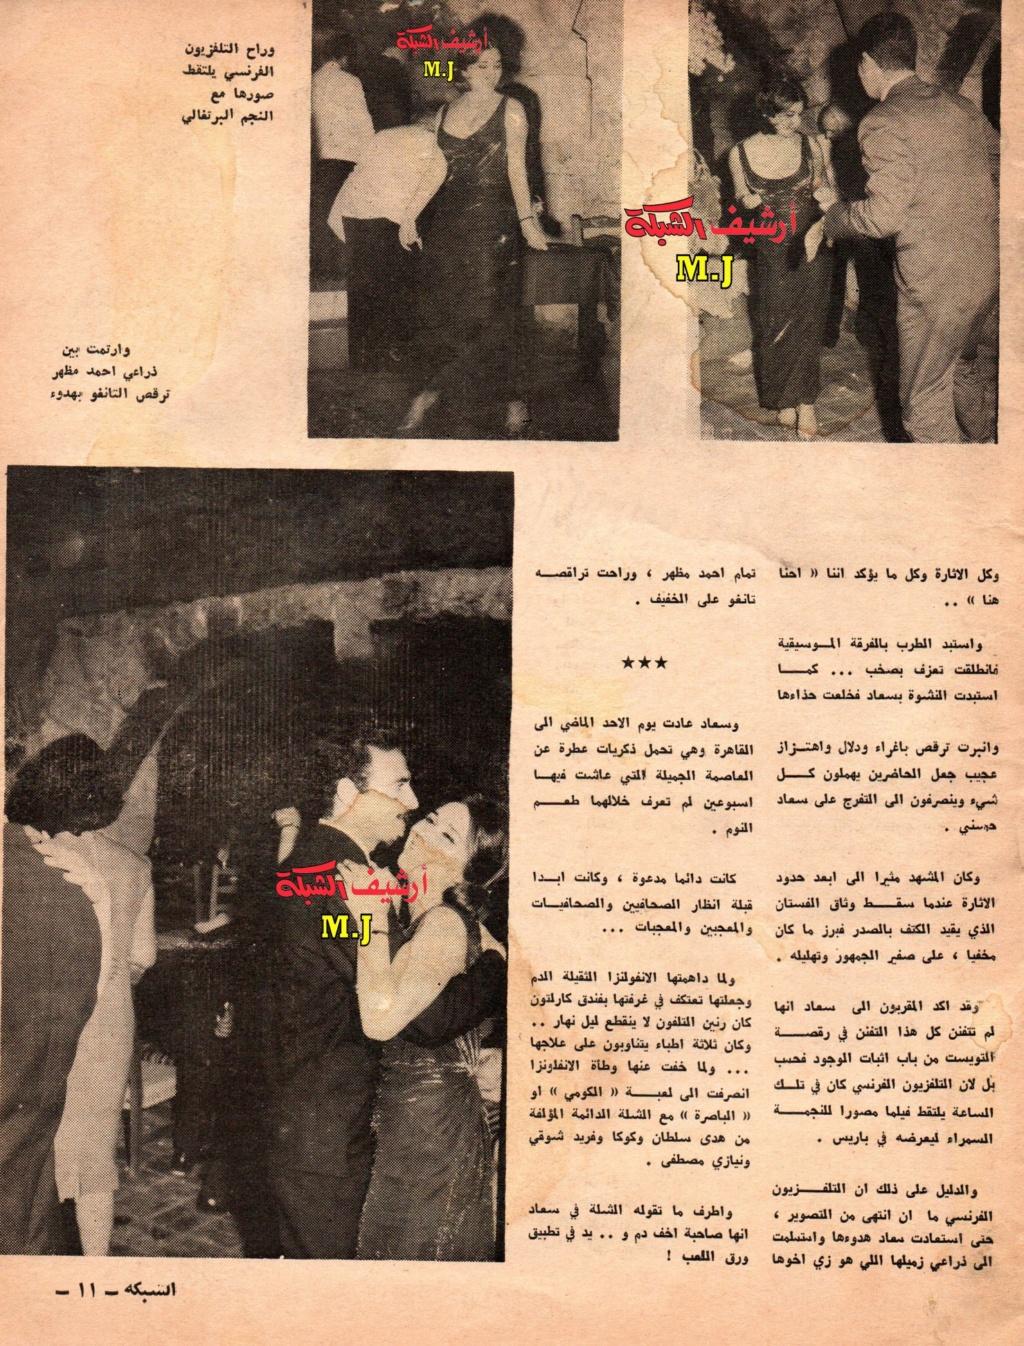 صحفي - مقال صحفي : تويست ... تويست .. ورقصت سعاد حسني حافية القدمين 1963 م 269